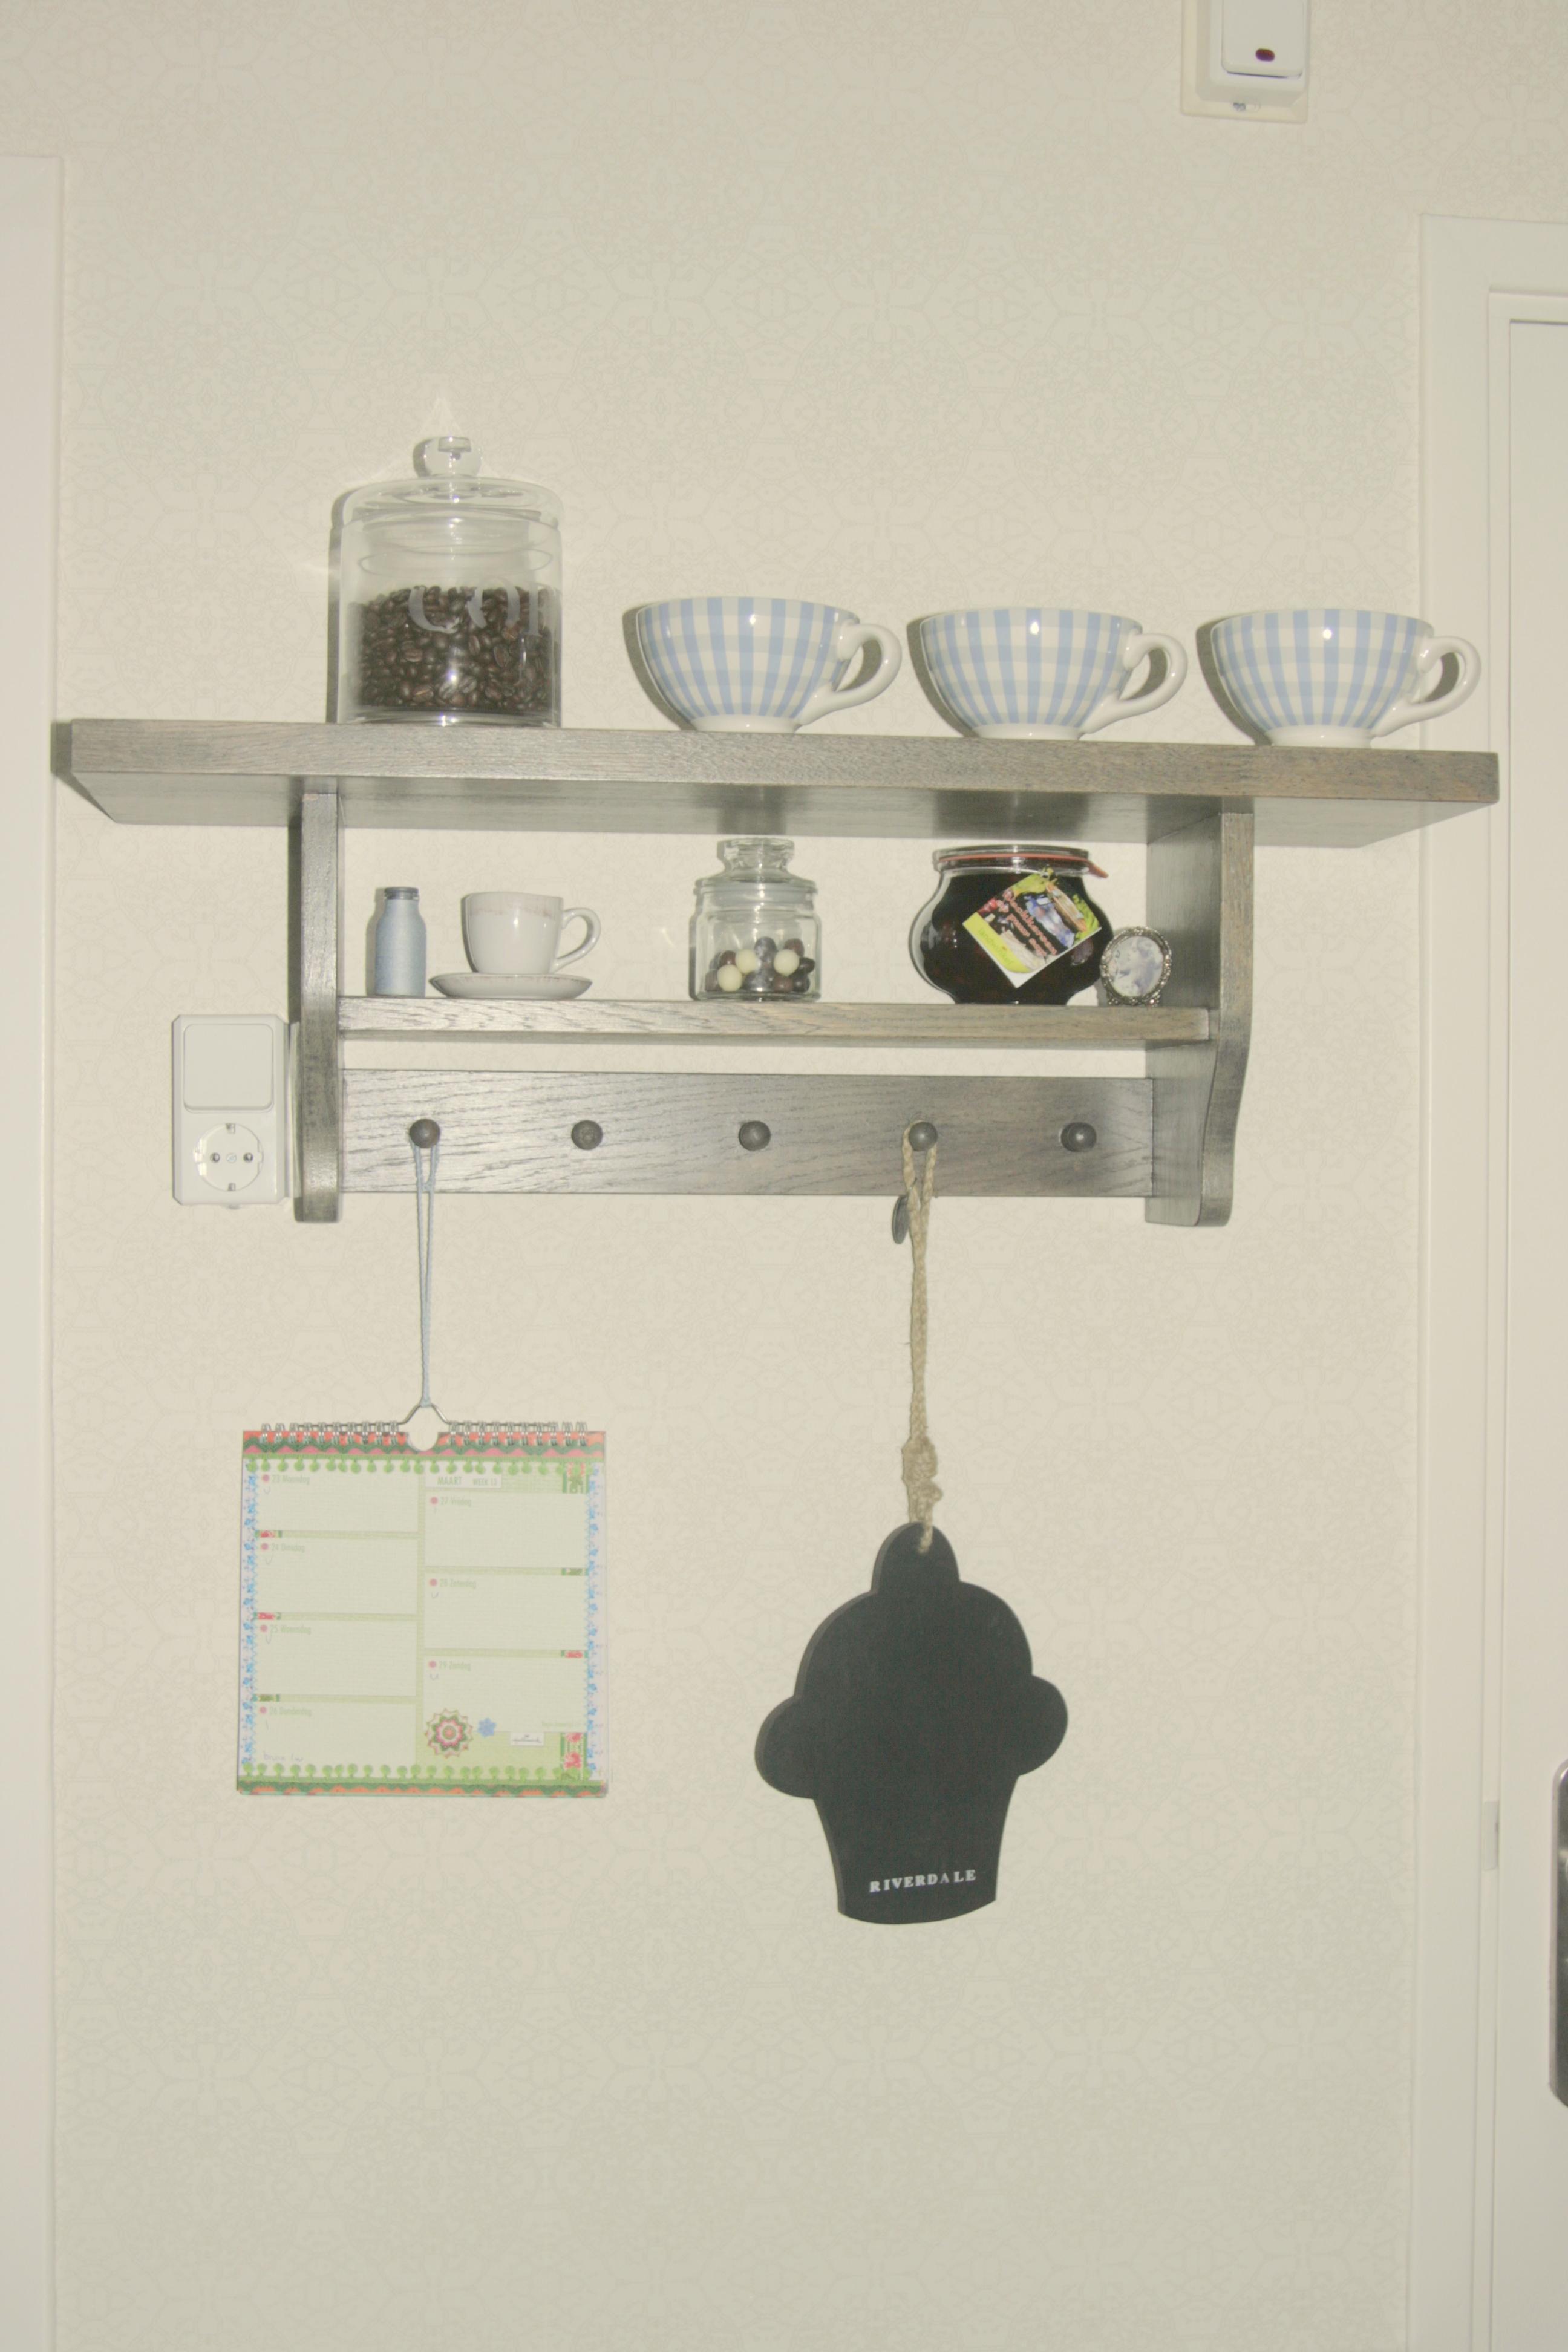 Wandplank Keuken Landelijk.Portfolio Specials Blindewandplanken